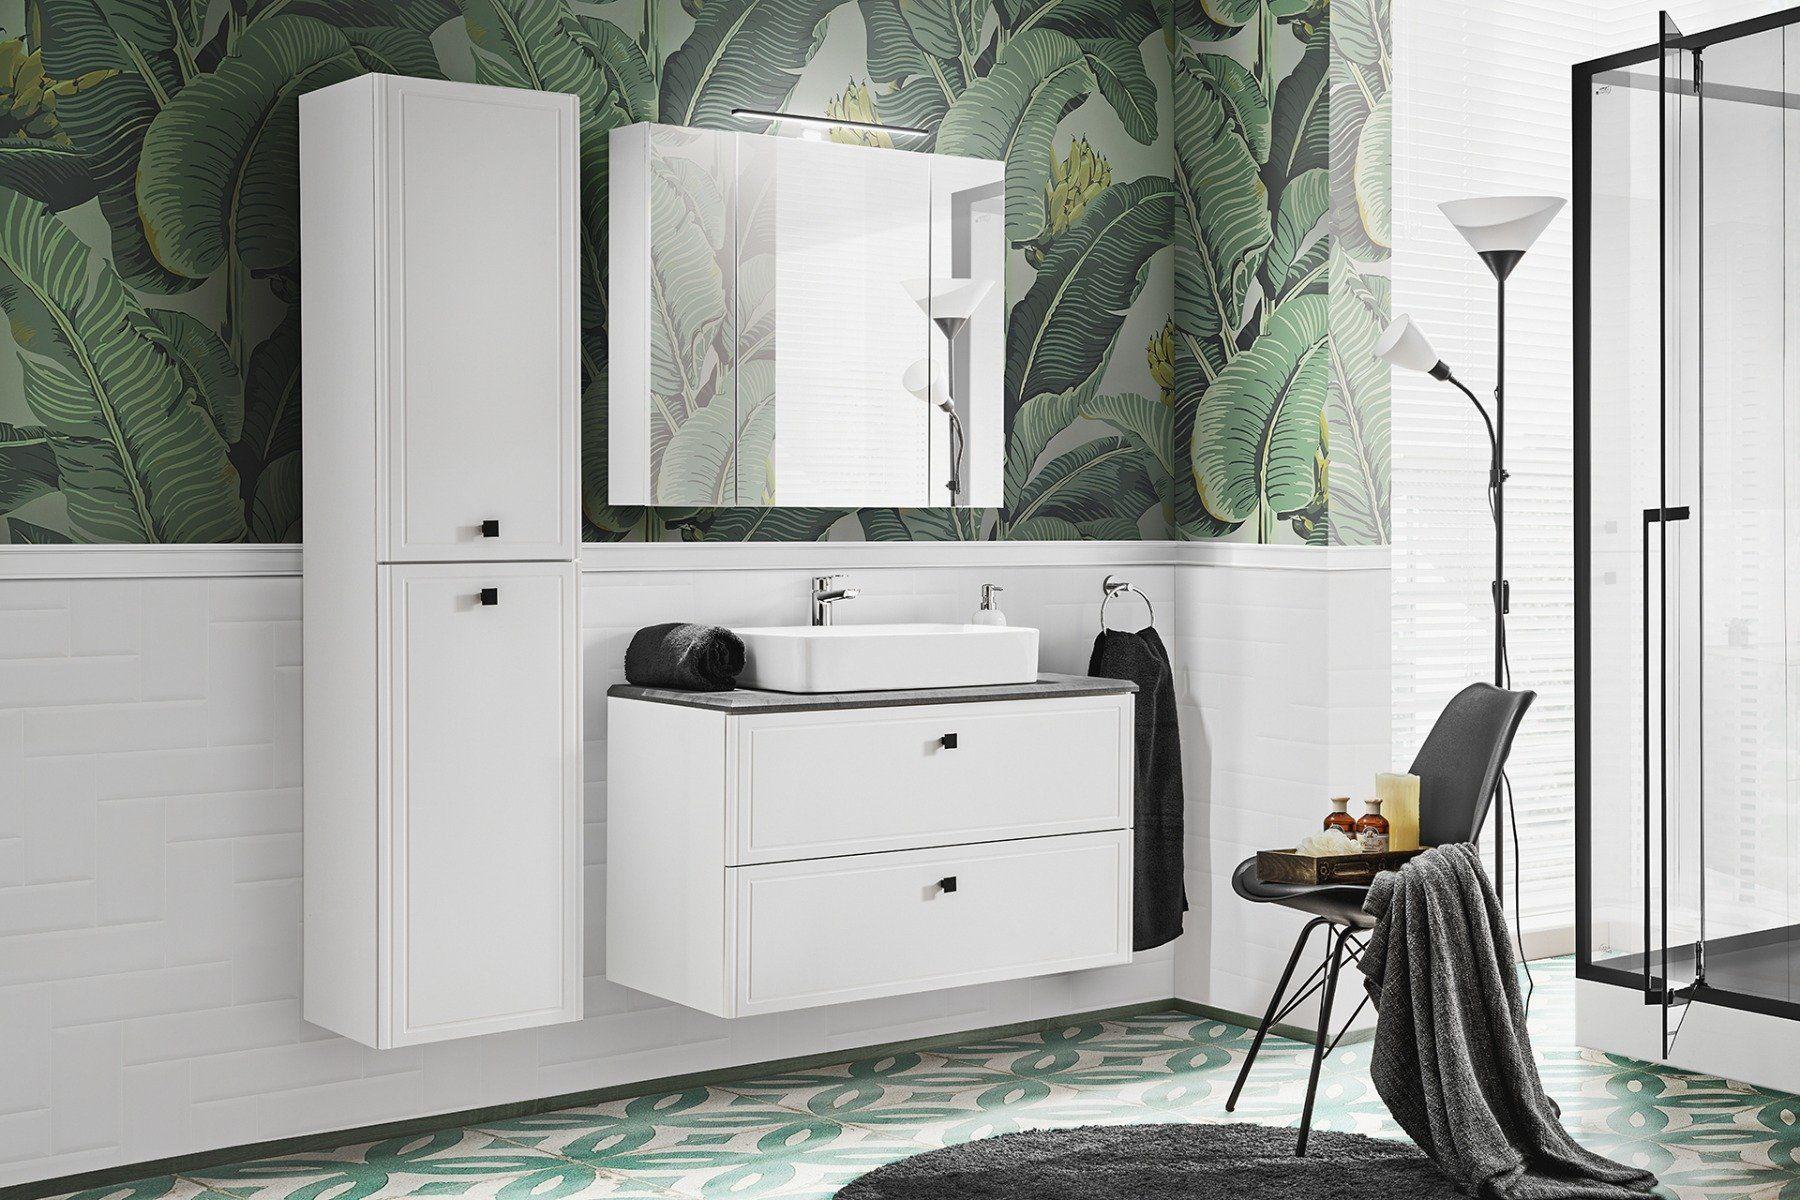 Szafka łazienkowa HAVANA WHITE 80 cm z lustrem  KUP TERAZ - OTRZYMAJ RABAT